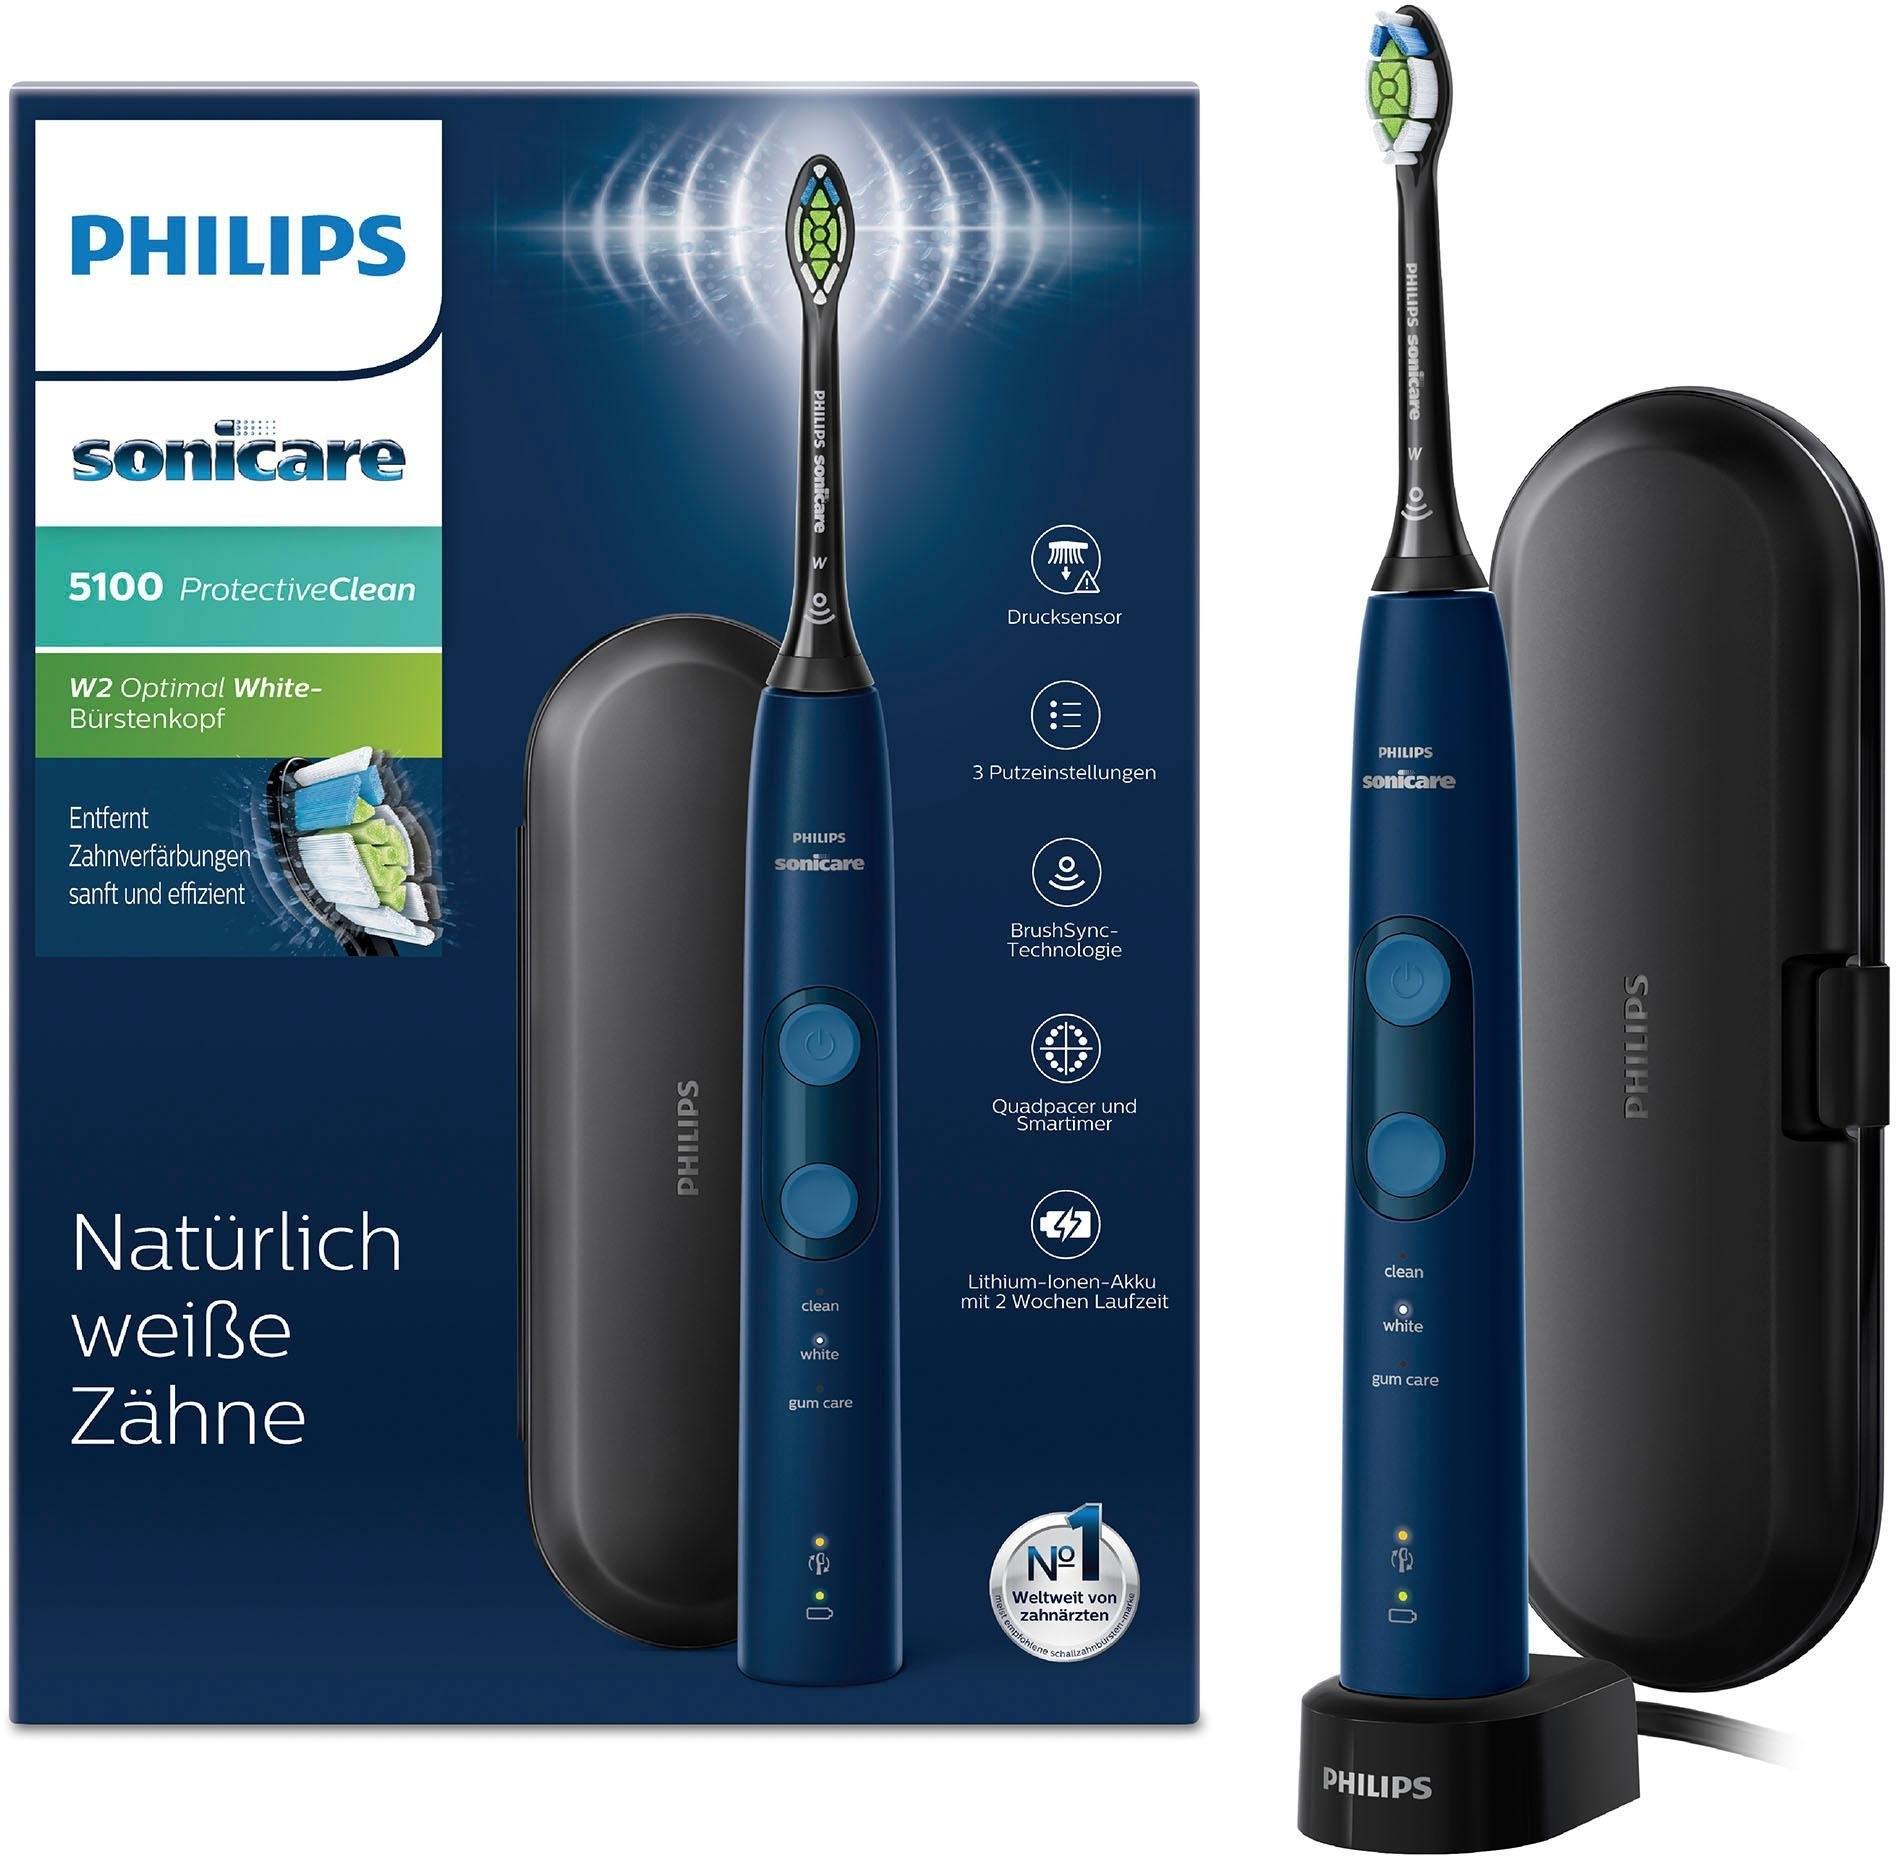 Philips Sonicare ultrasone tandenborstel Sonicare HX6851/53, 1 opzetborsteltje bij OTTO online kopen